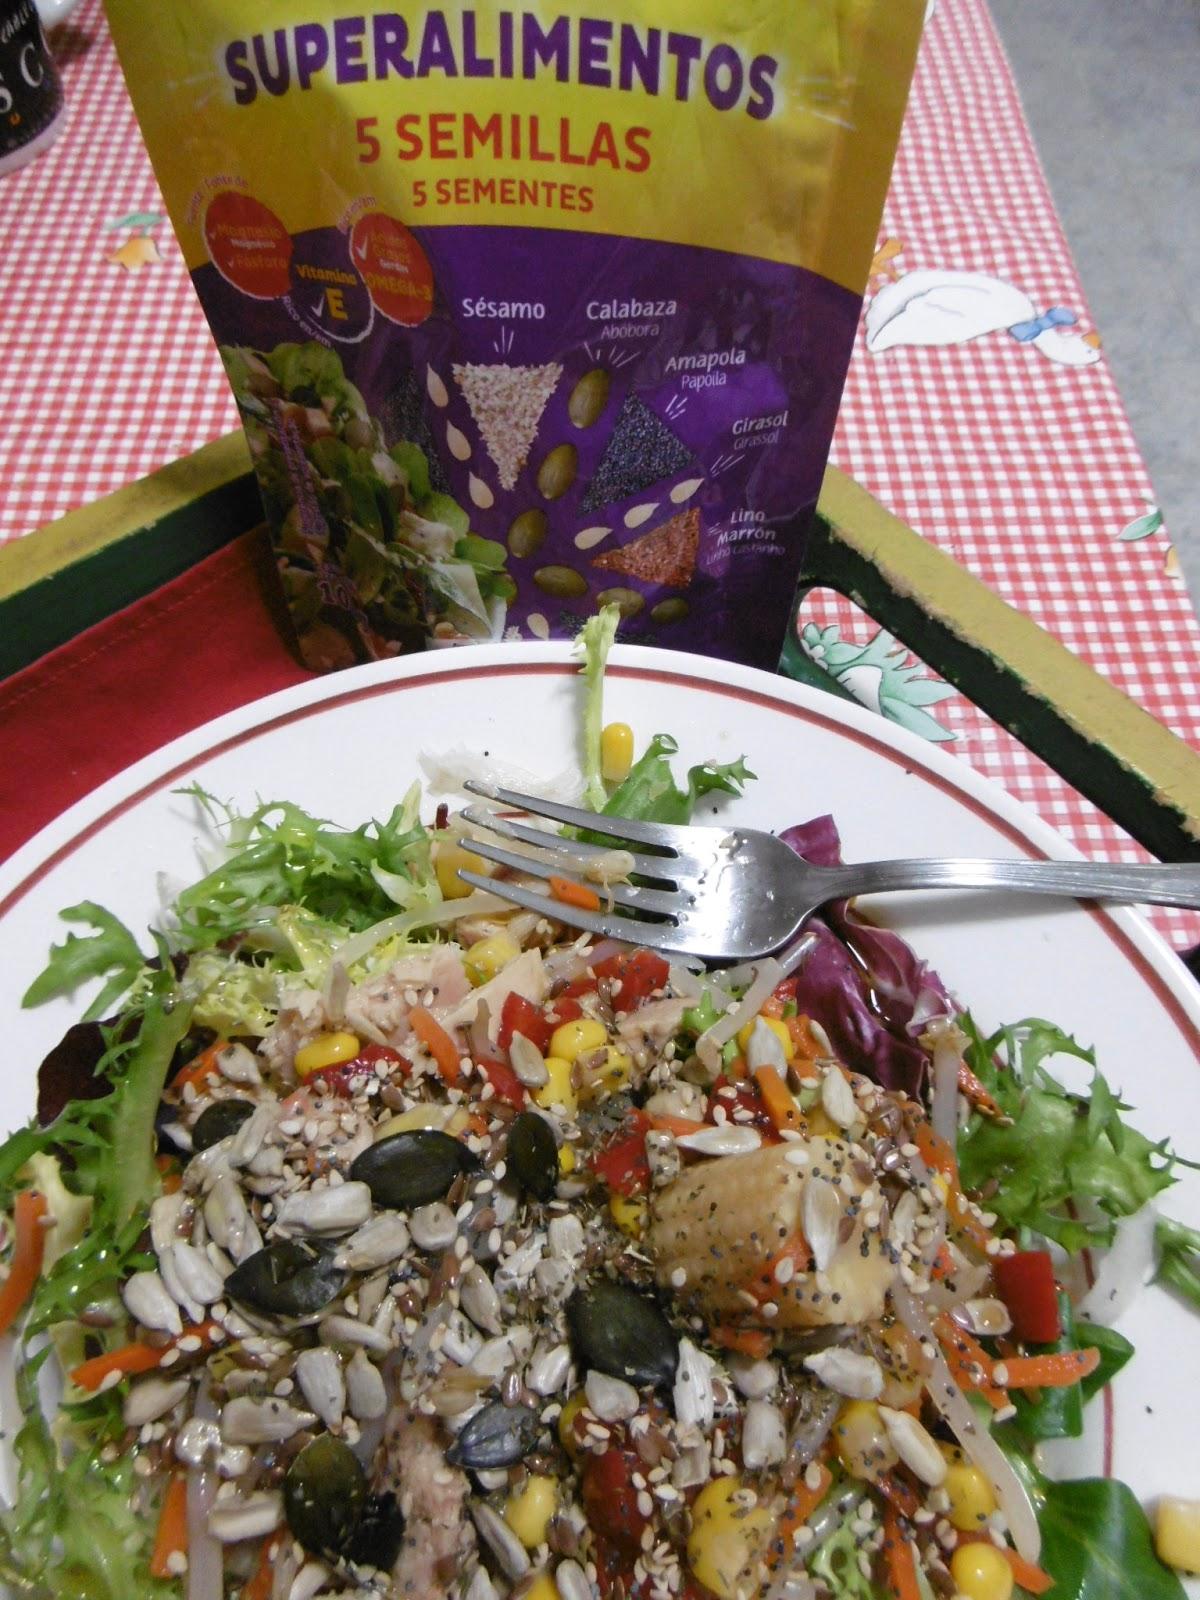 La lupa de dieta disociada